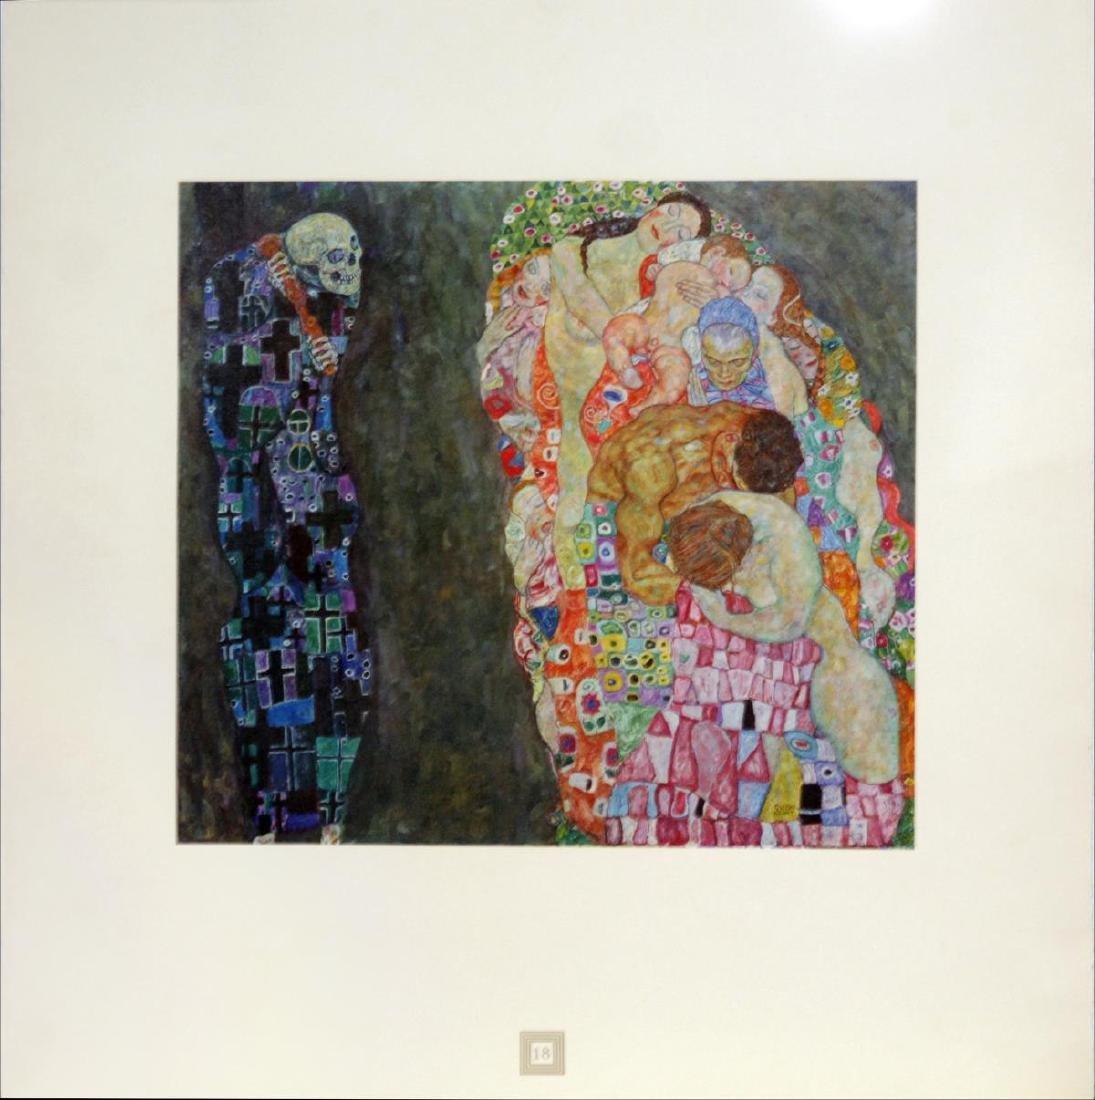 Gustav Klimt (After) - Death and Life